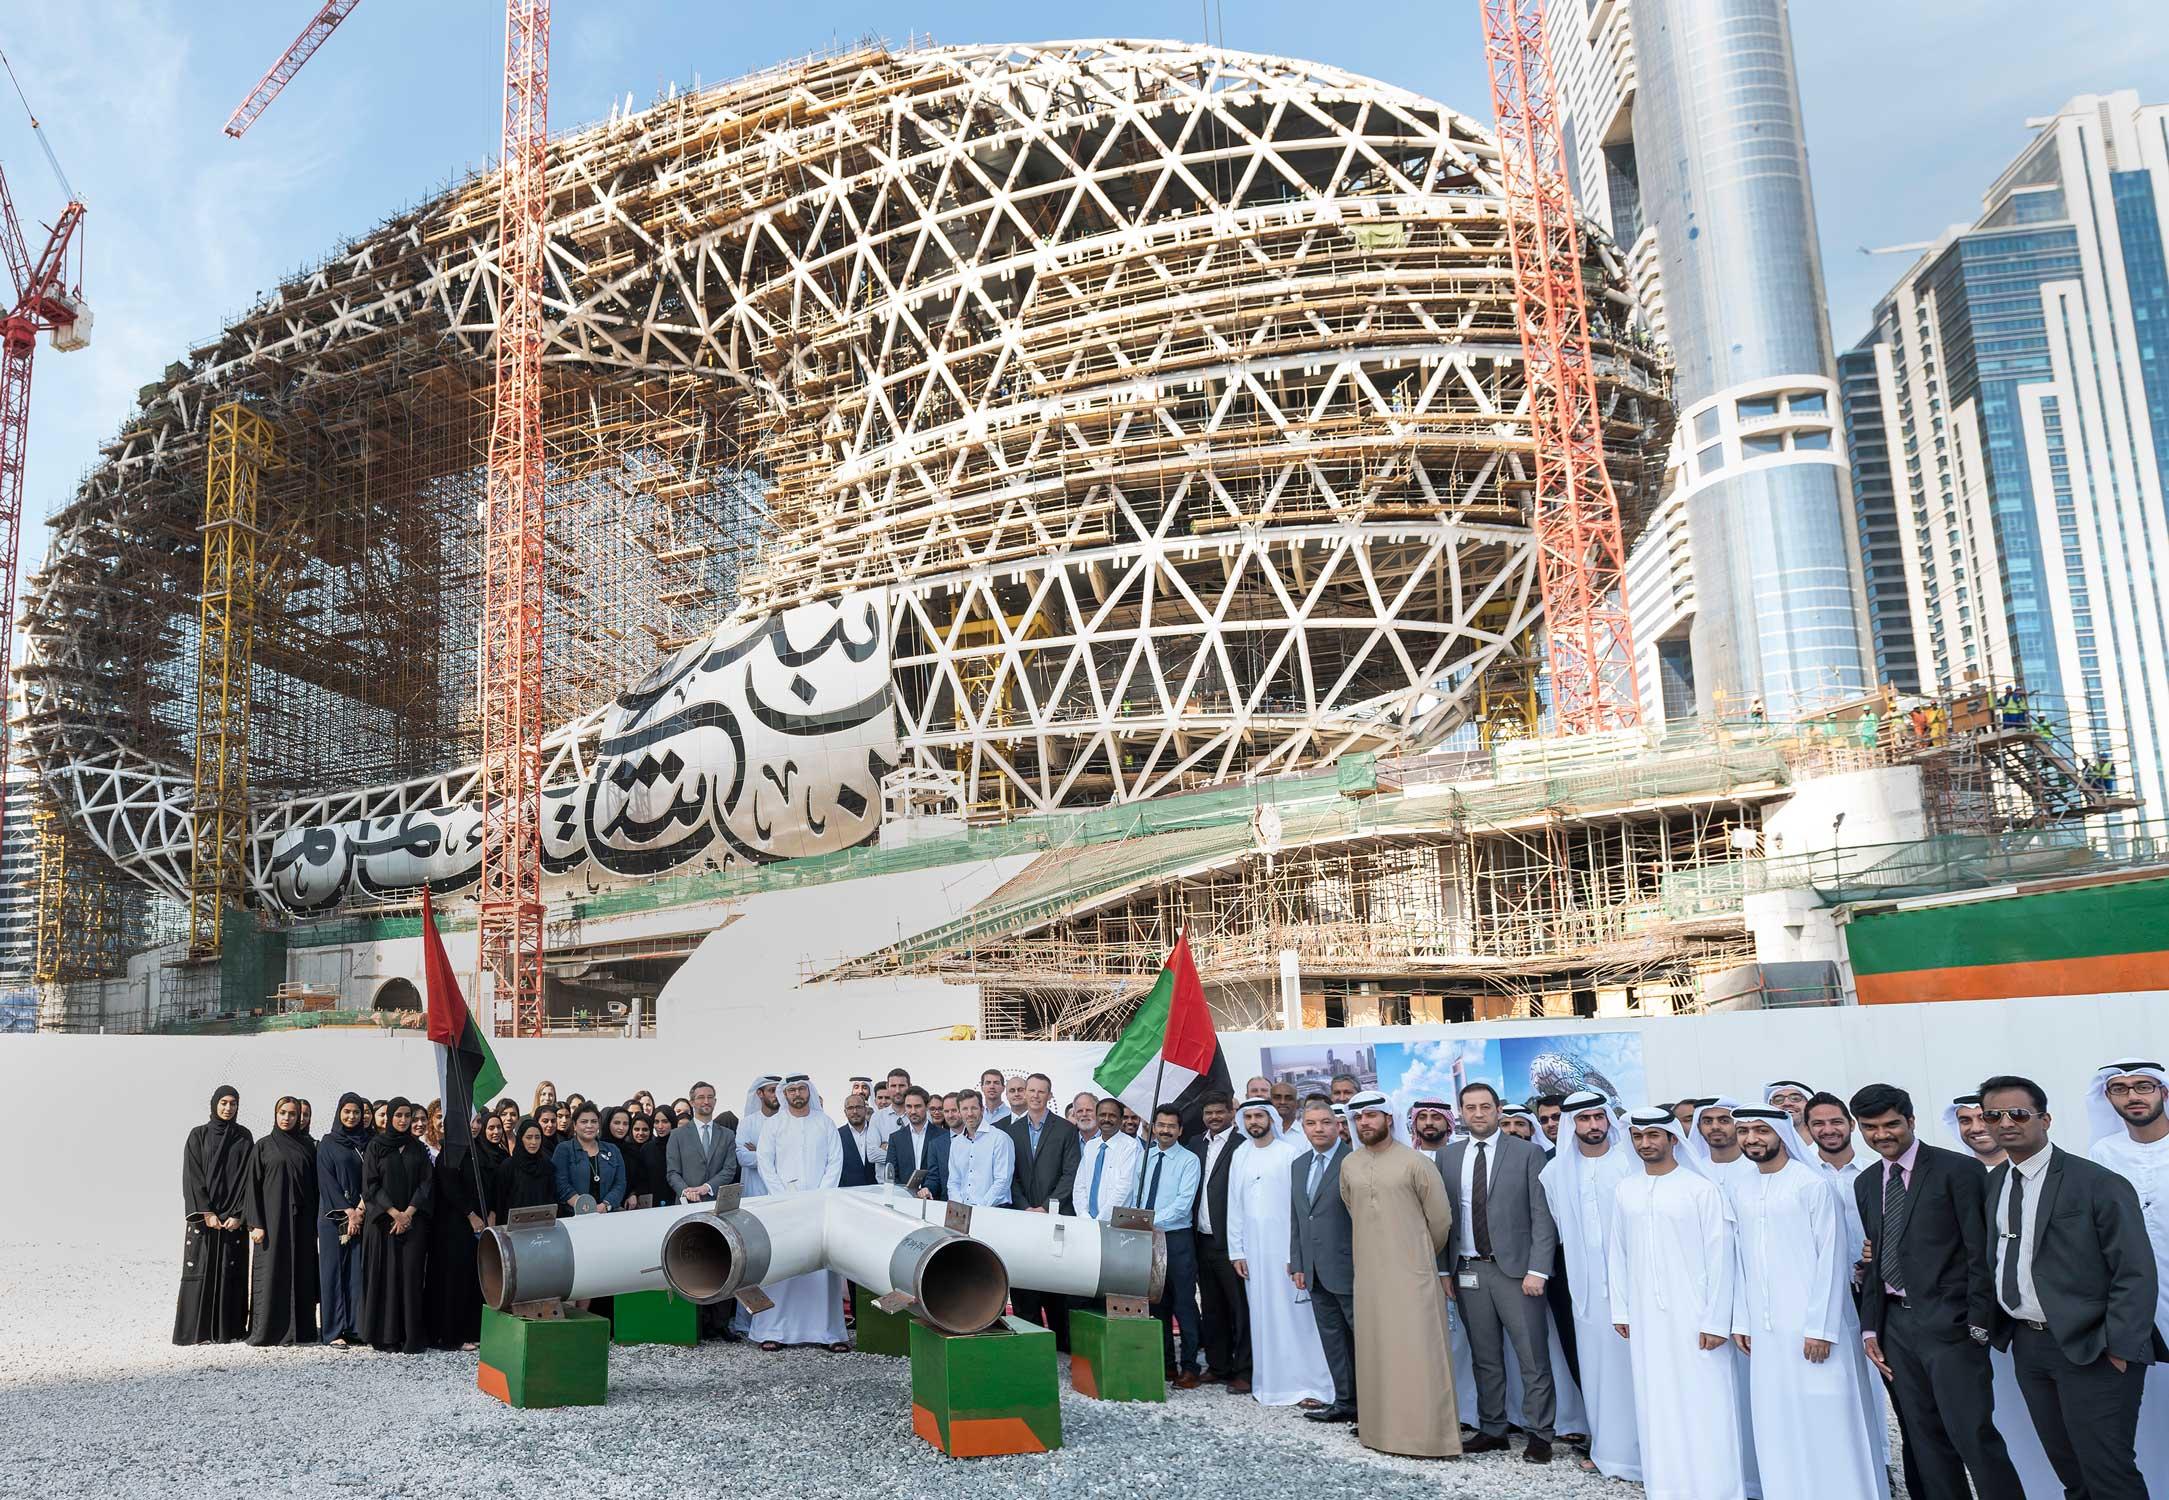 افضل الاماكن السياحية في المدينة التي لاتنام دبي